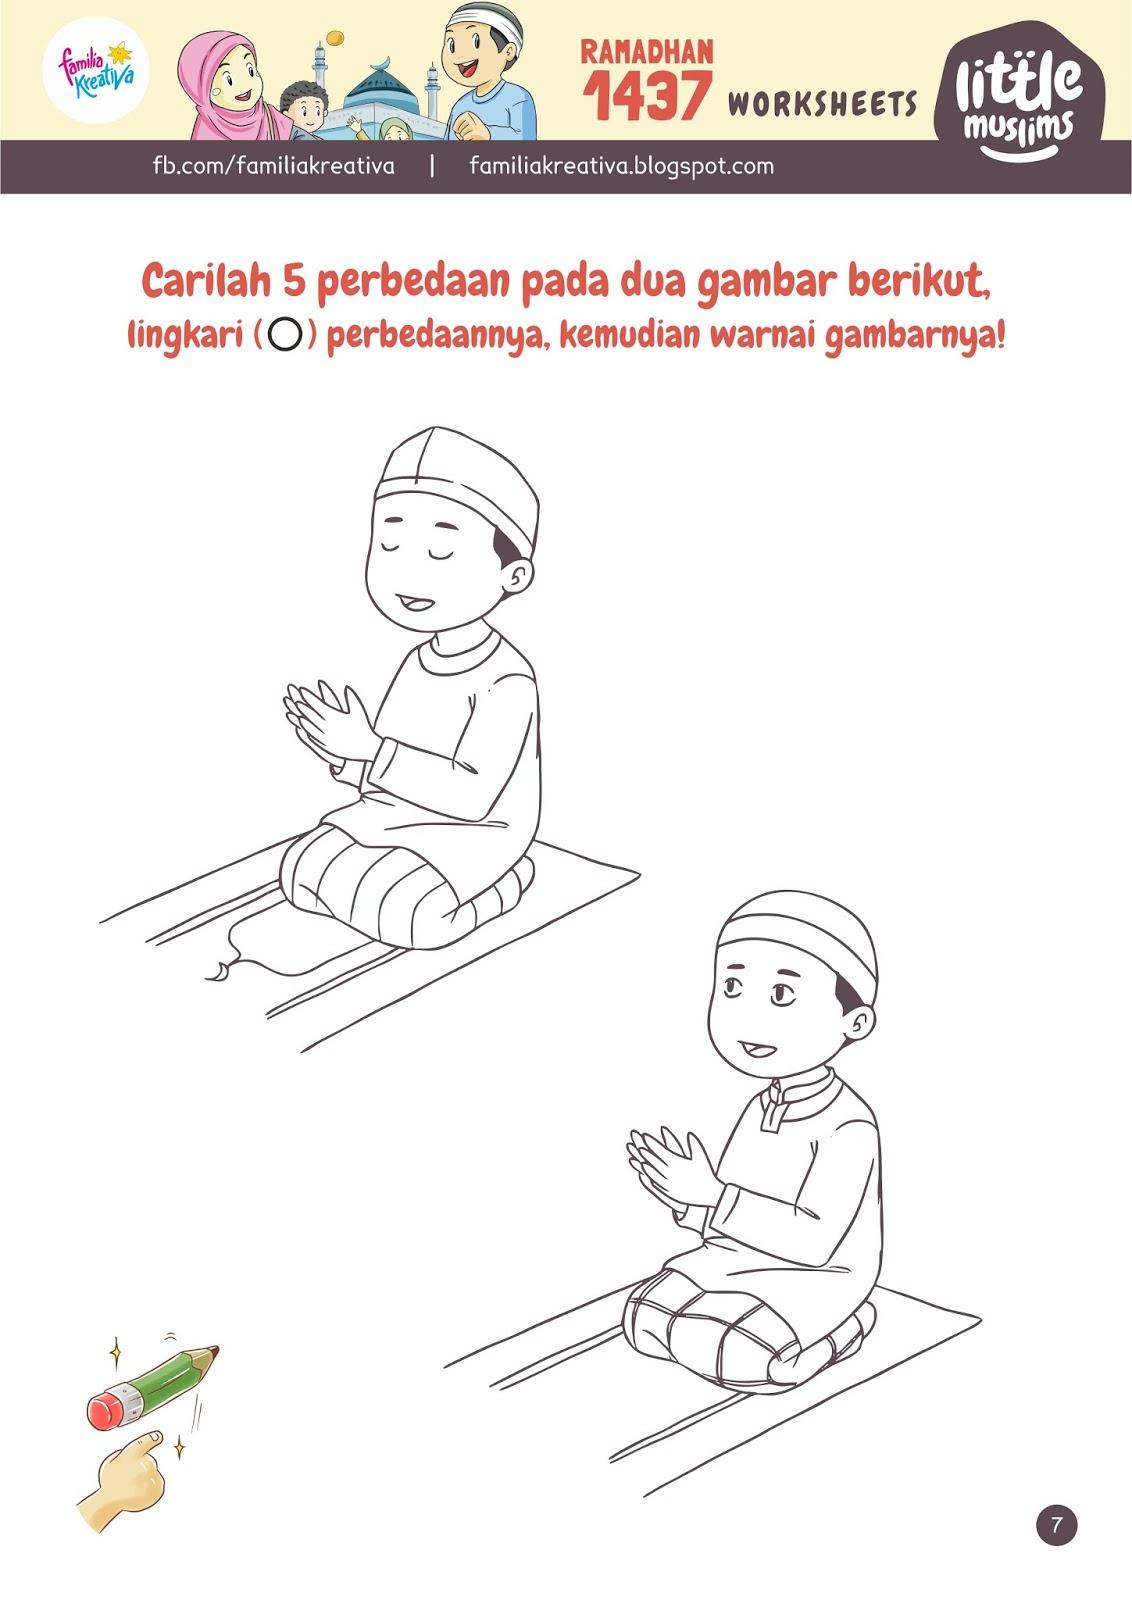 Gambar Kartun Anak Muslim Buang Sampah Pada Tempatnya